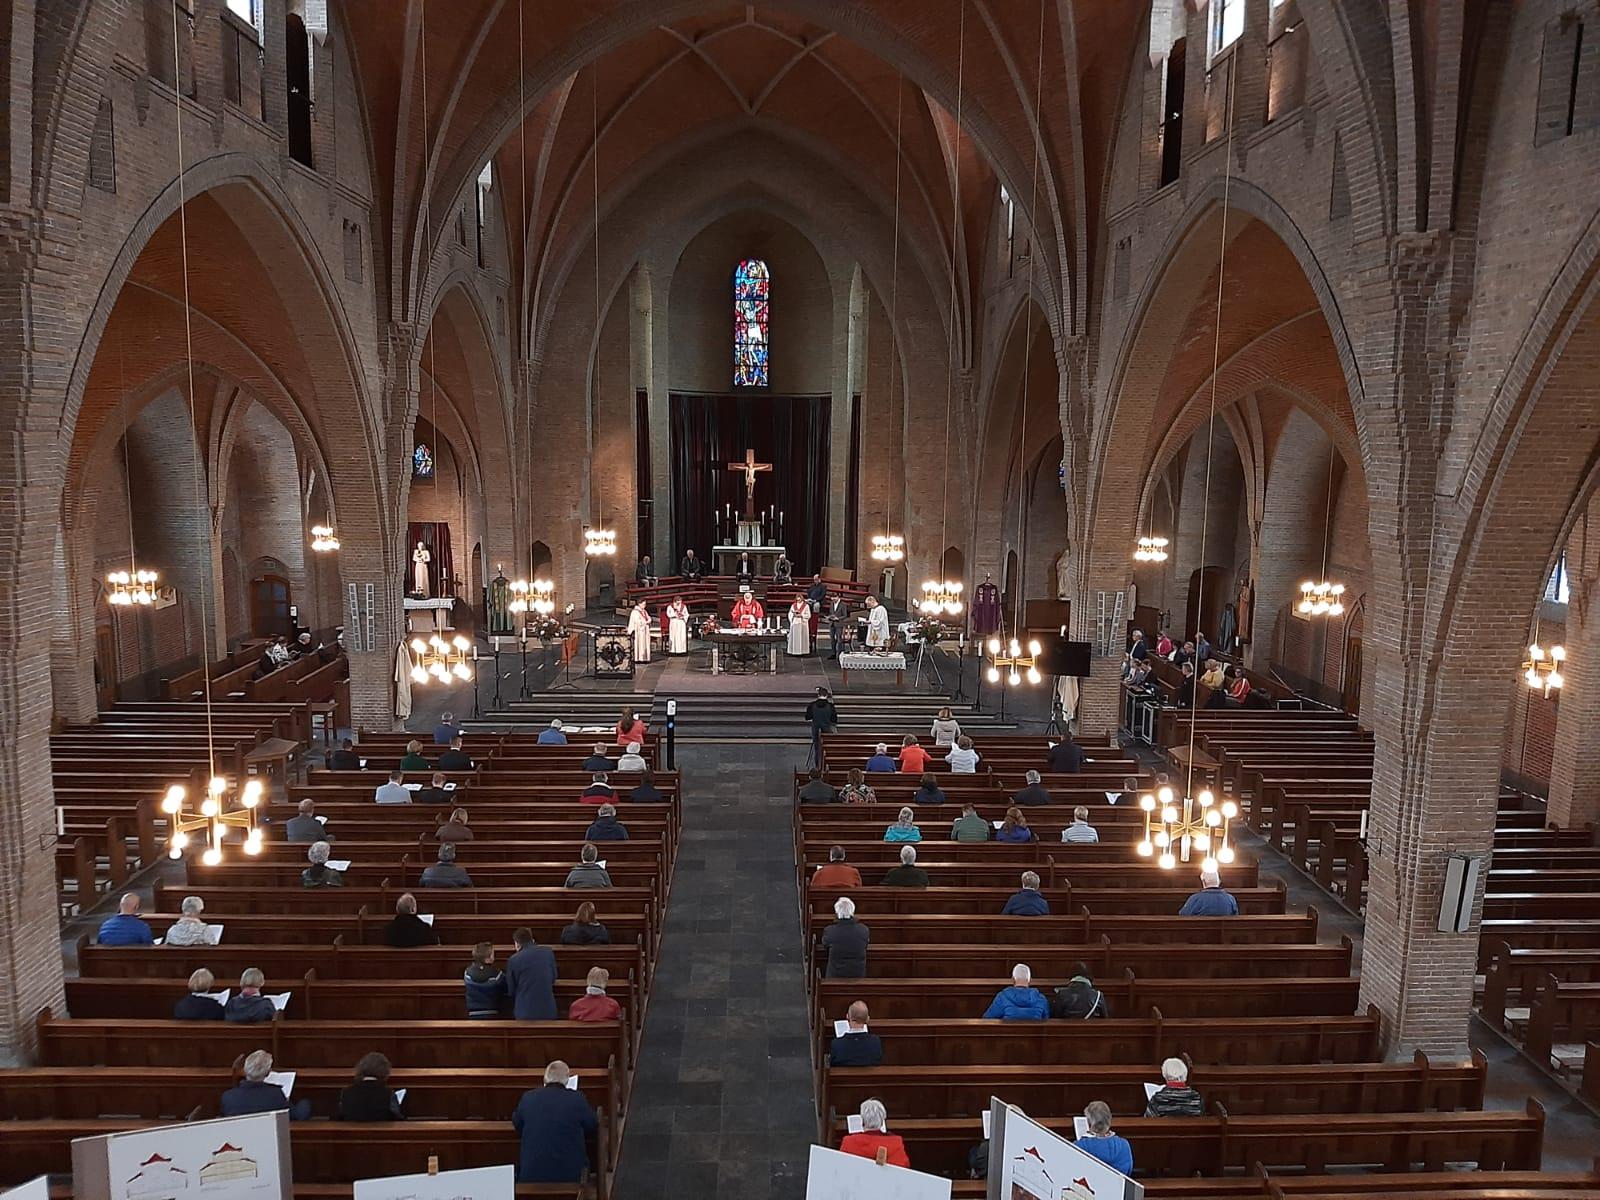 Afscheidsviering van de Oldenzaalse Drieëenheidskerk: 'Voelt als een uitvaart' – Videoreportage